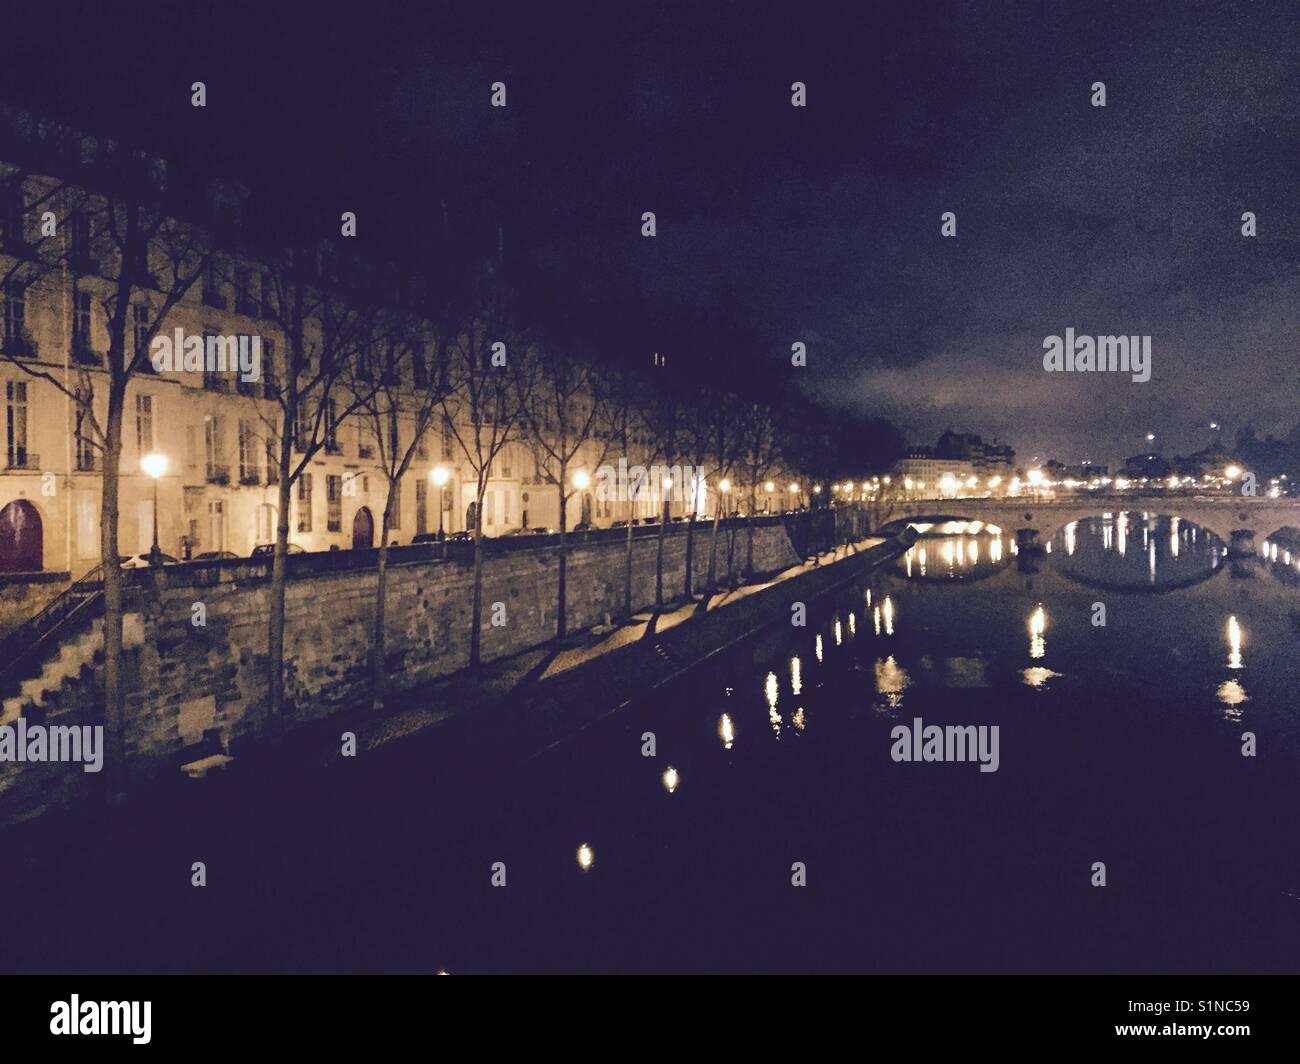 Paris at night. Walk across the river to the île de Saint Louis. - Stock Image